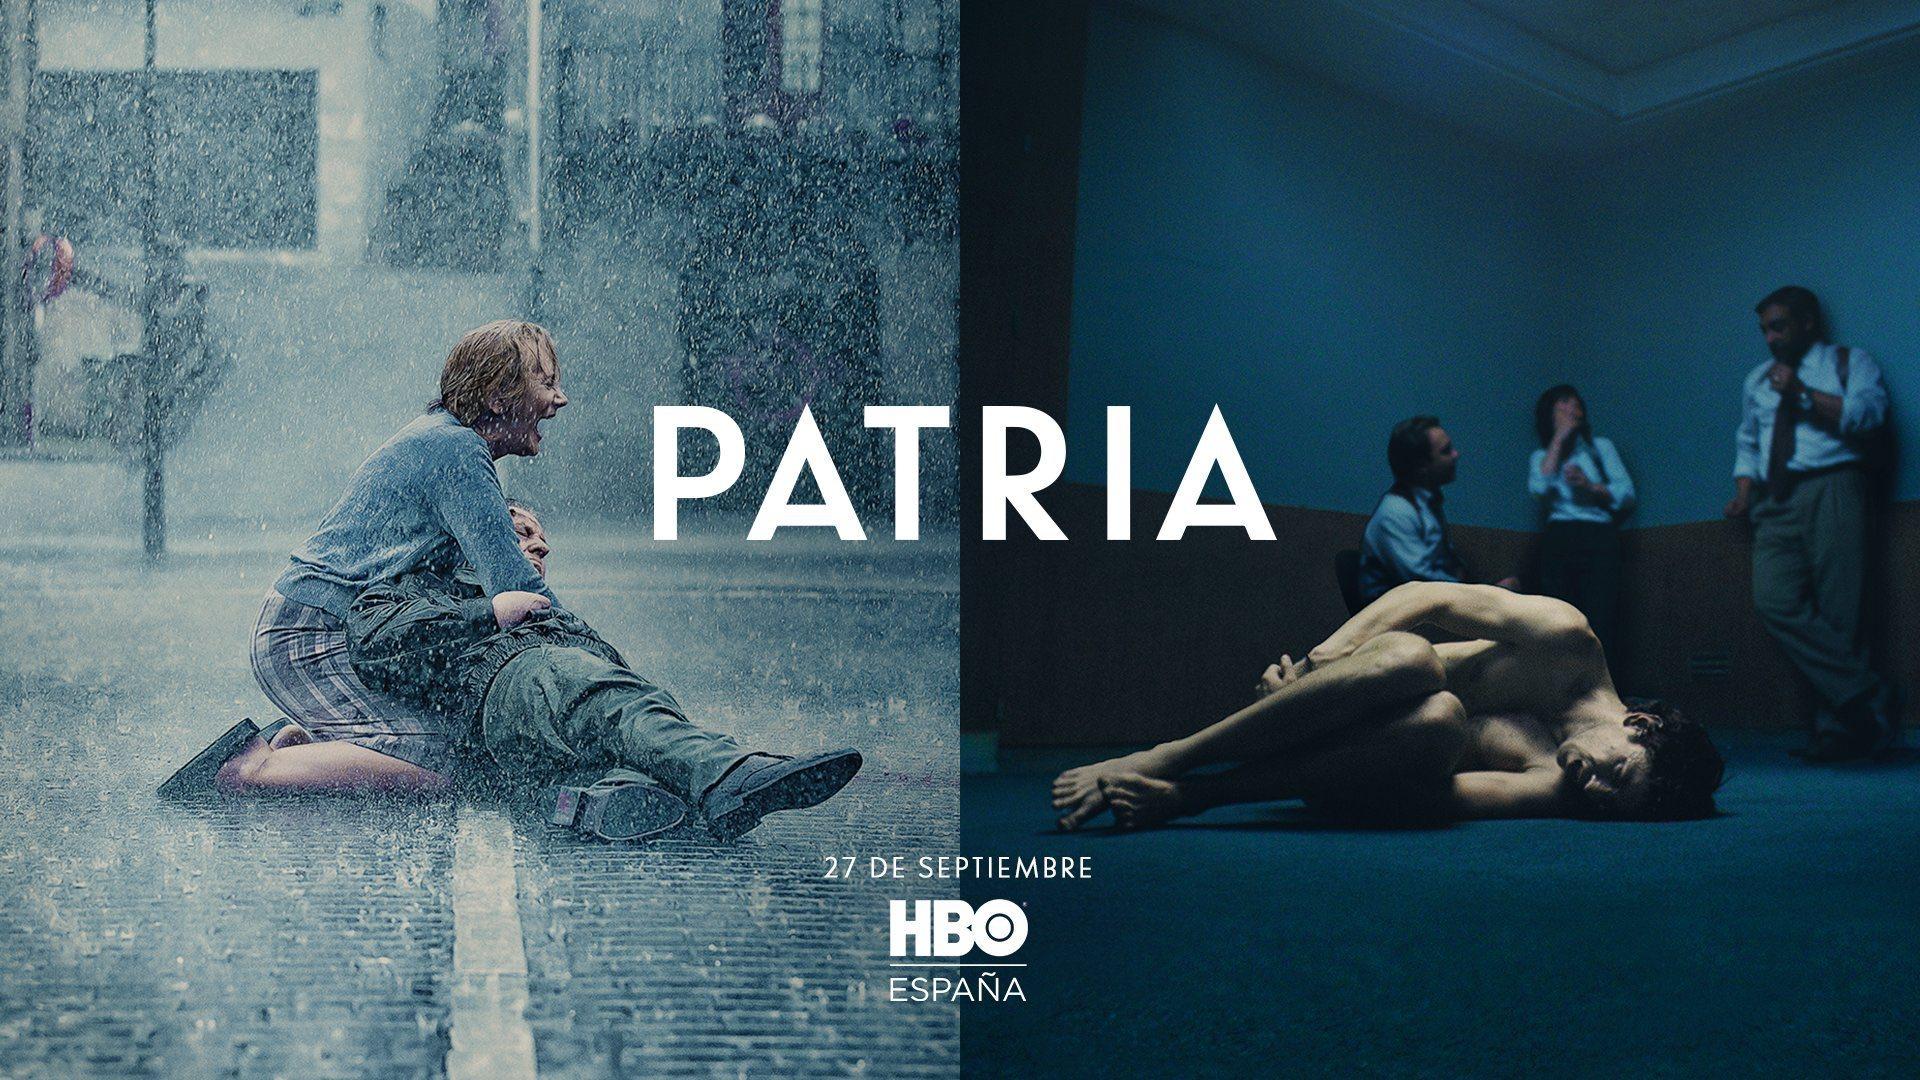 El Cartel de Patria de HBO rechazado por el autor de la obra, Aramburu |  Marca.com